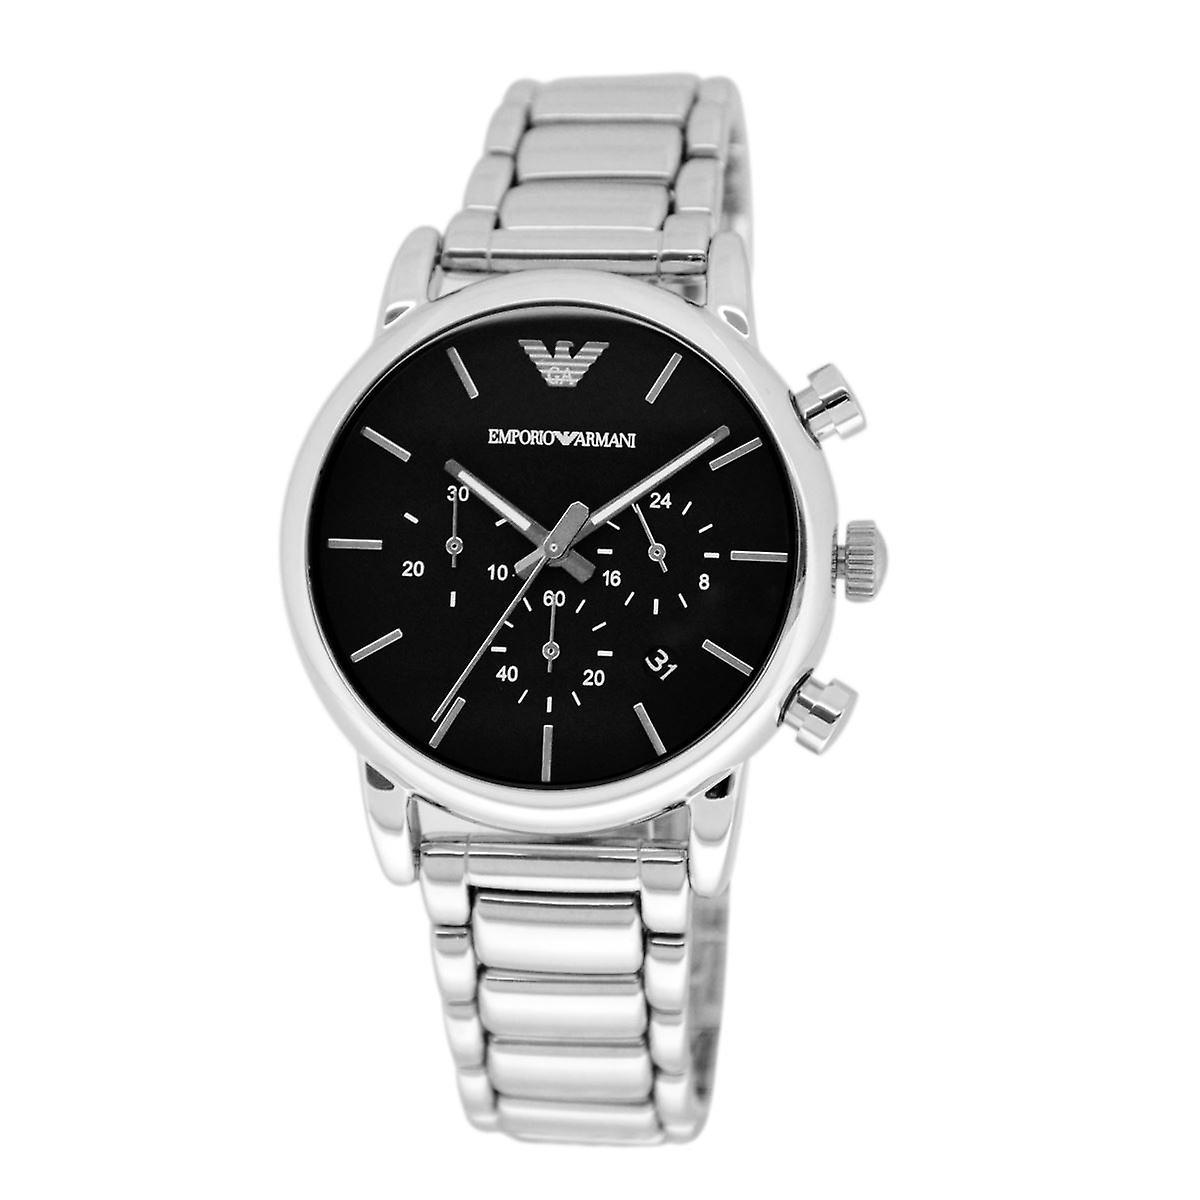 f4db58a4a37e Cronógrafo reloj acero inoxidable brazalete esfera negra AR1853 Emporio  Armani hombre